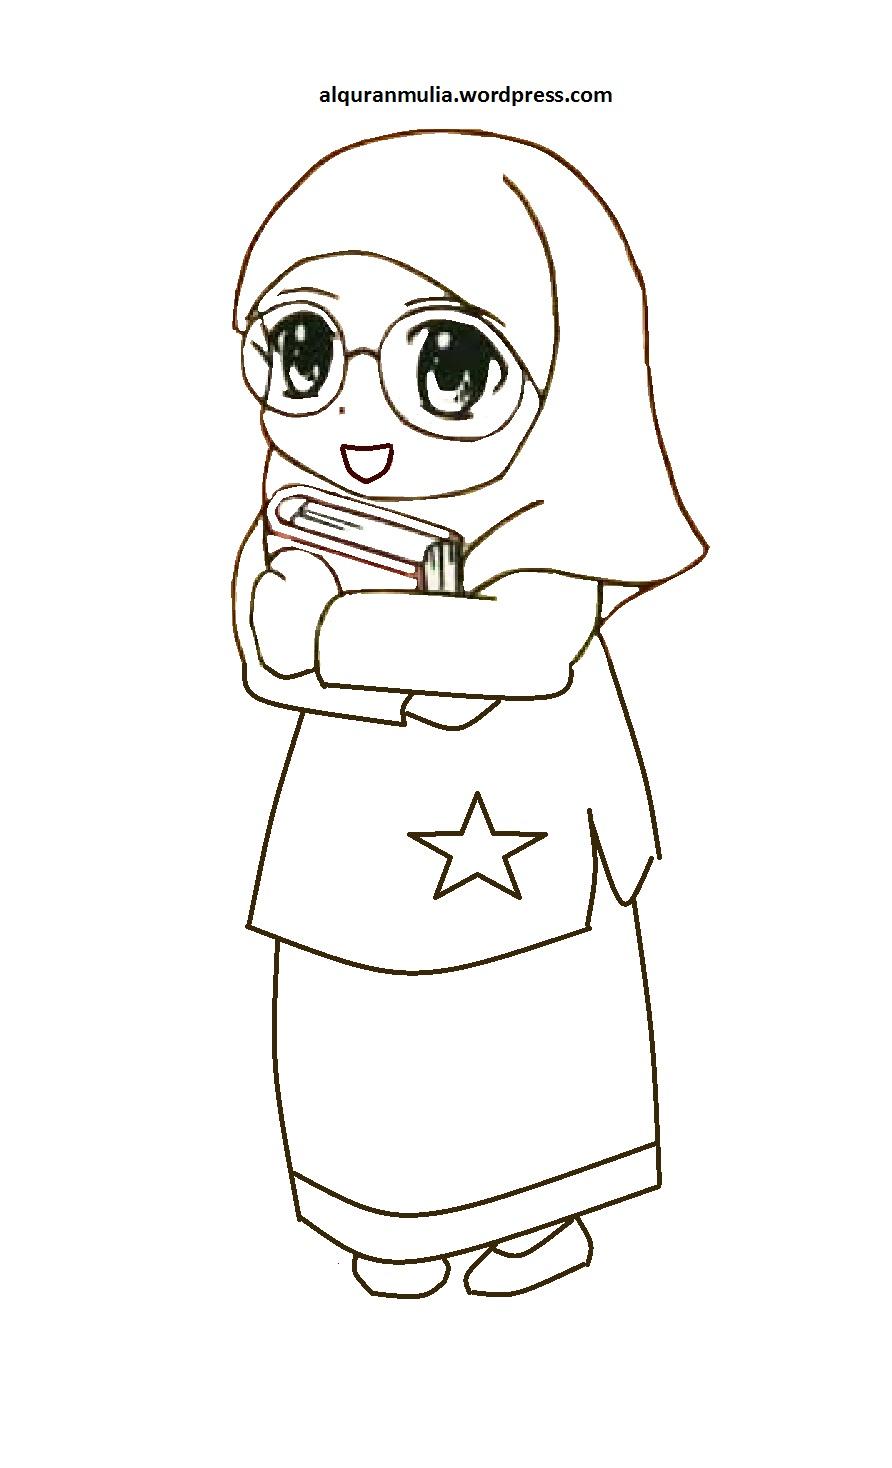 Mewarnai Gambar Kartun Anak Muslimah 23 Alquranmulia